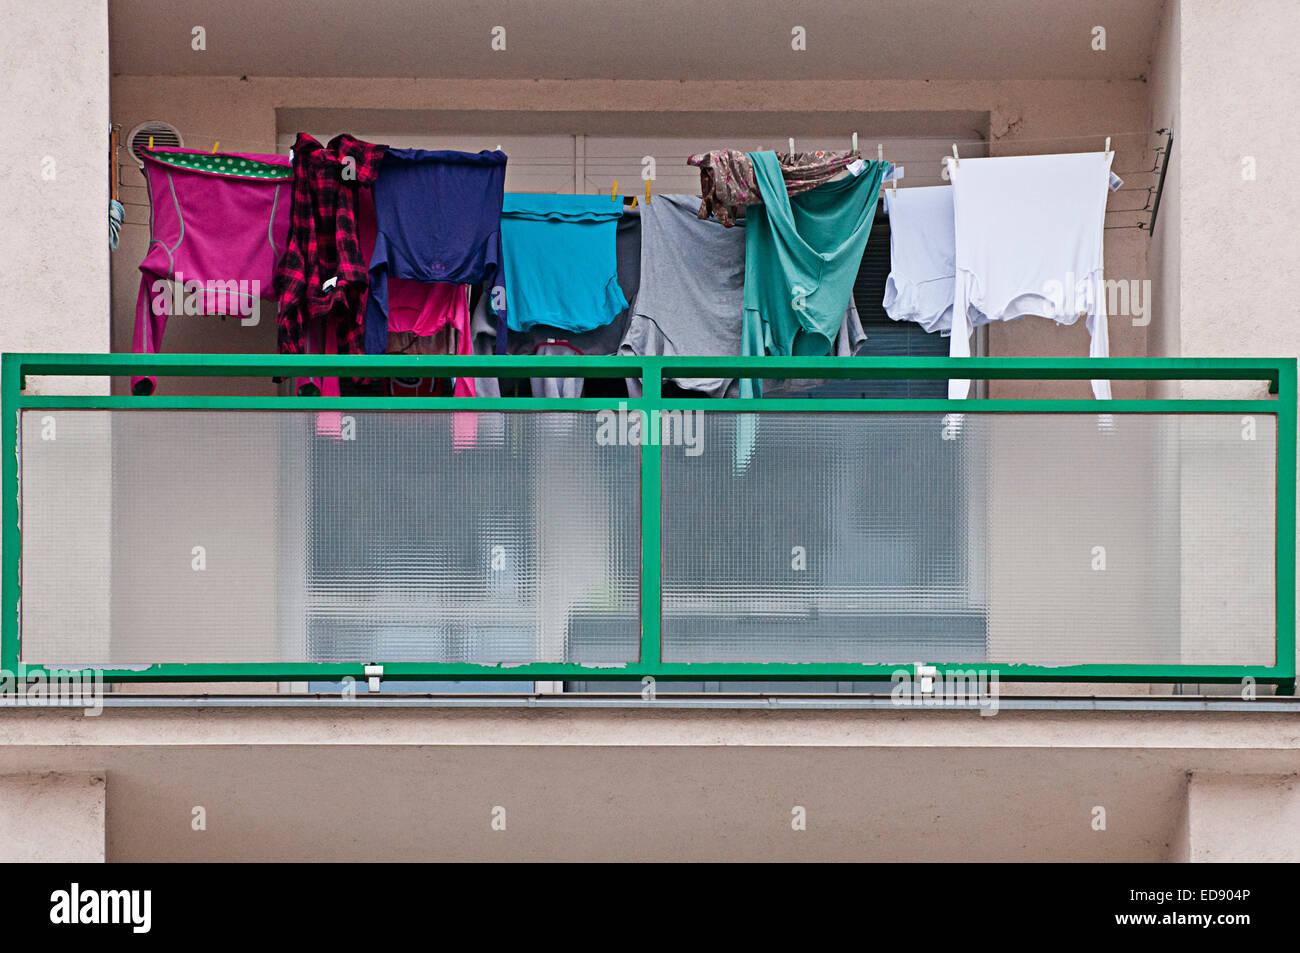 Balcón de un conocido edificio de apartamentos, con servicio de lavandería colgando para secar Imagen De Stock